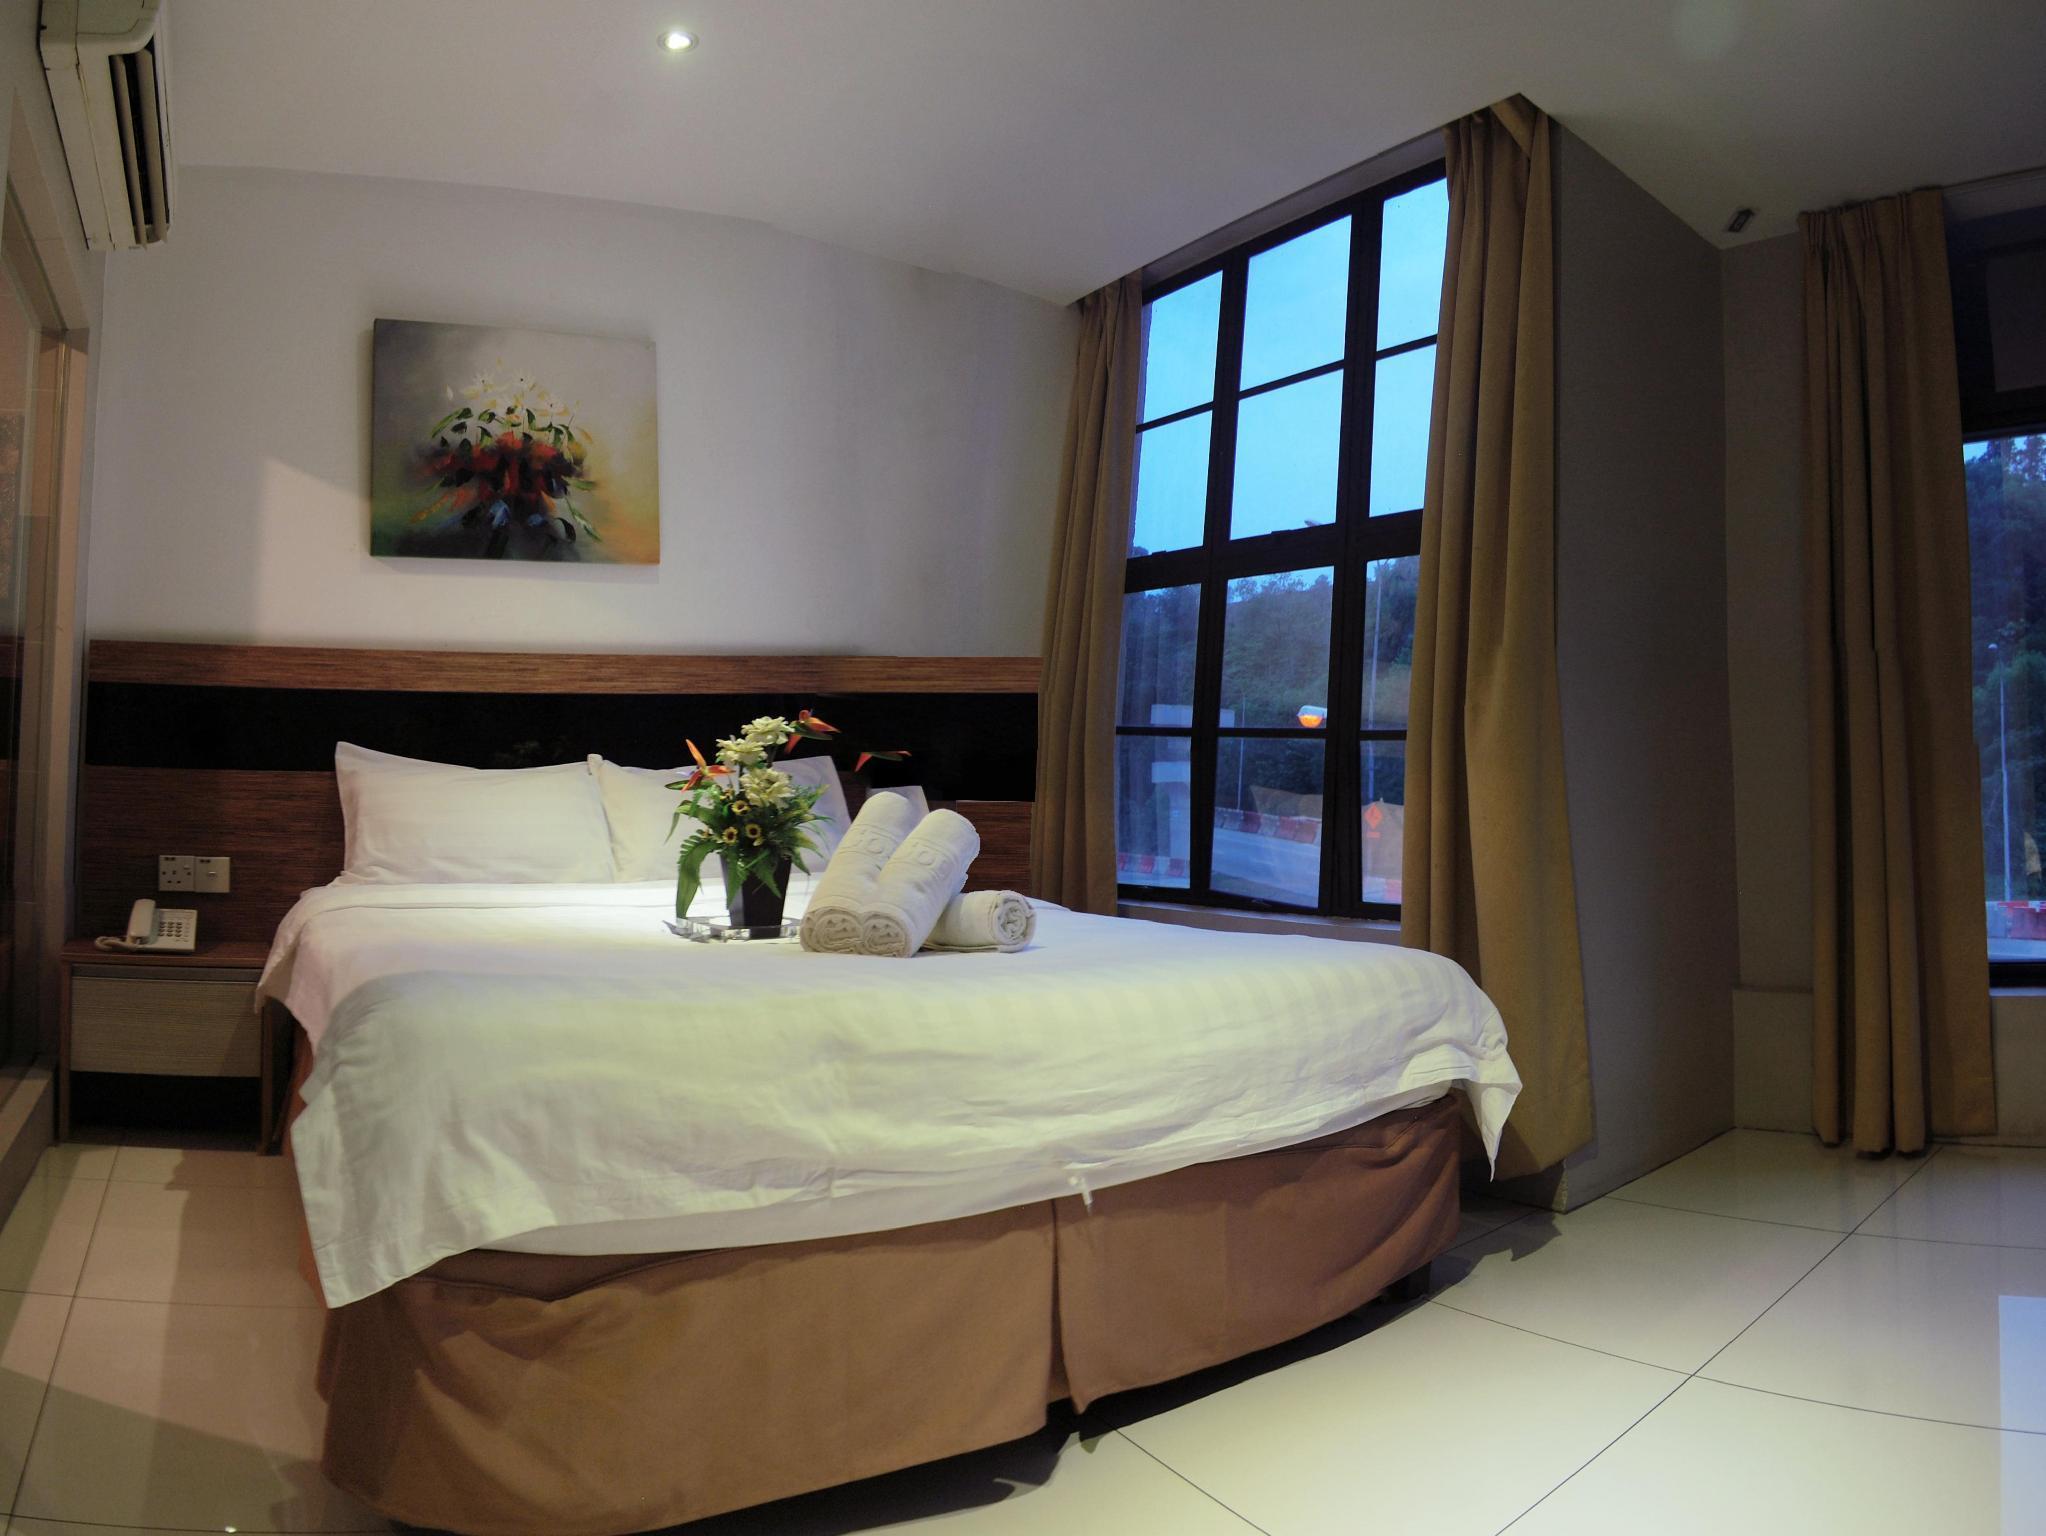 Hotel Golden View Puchong, Kuala Lumpur